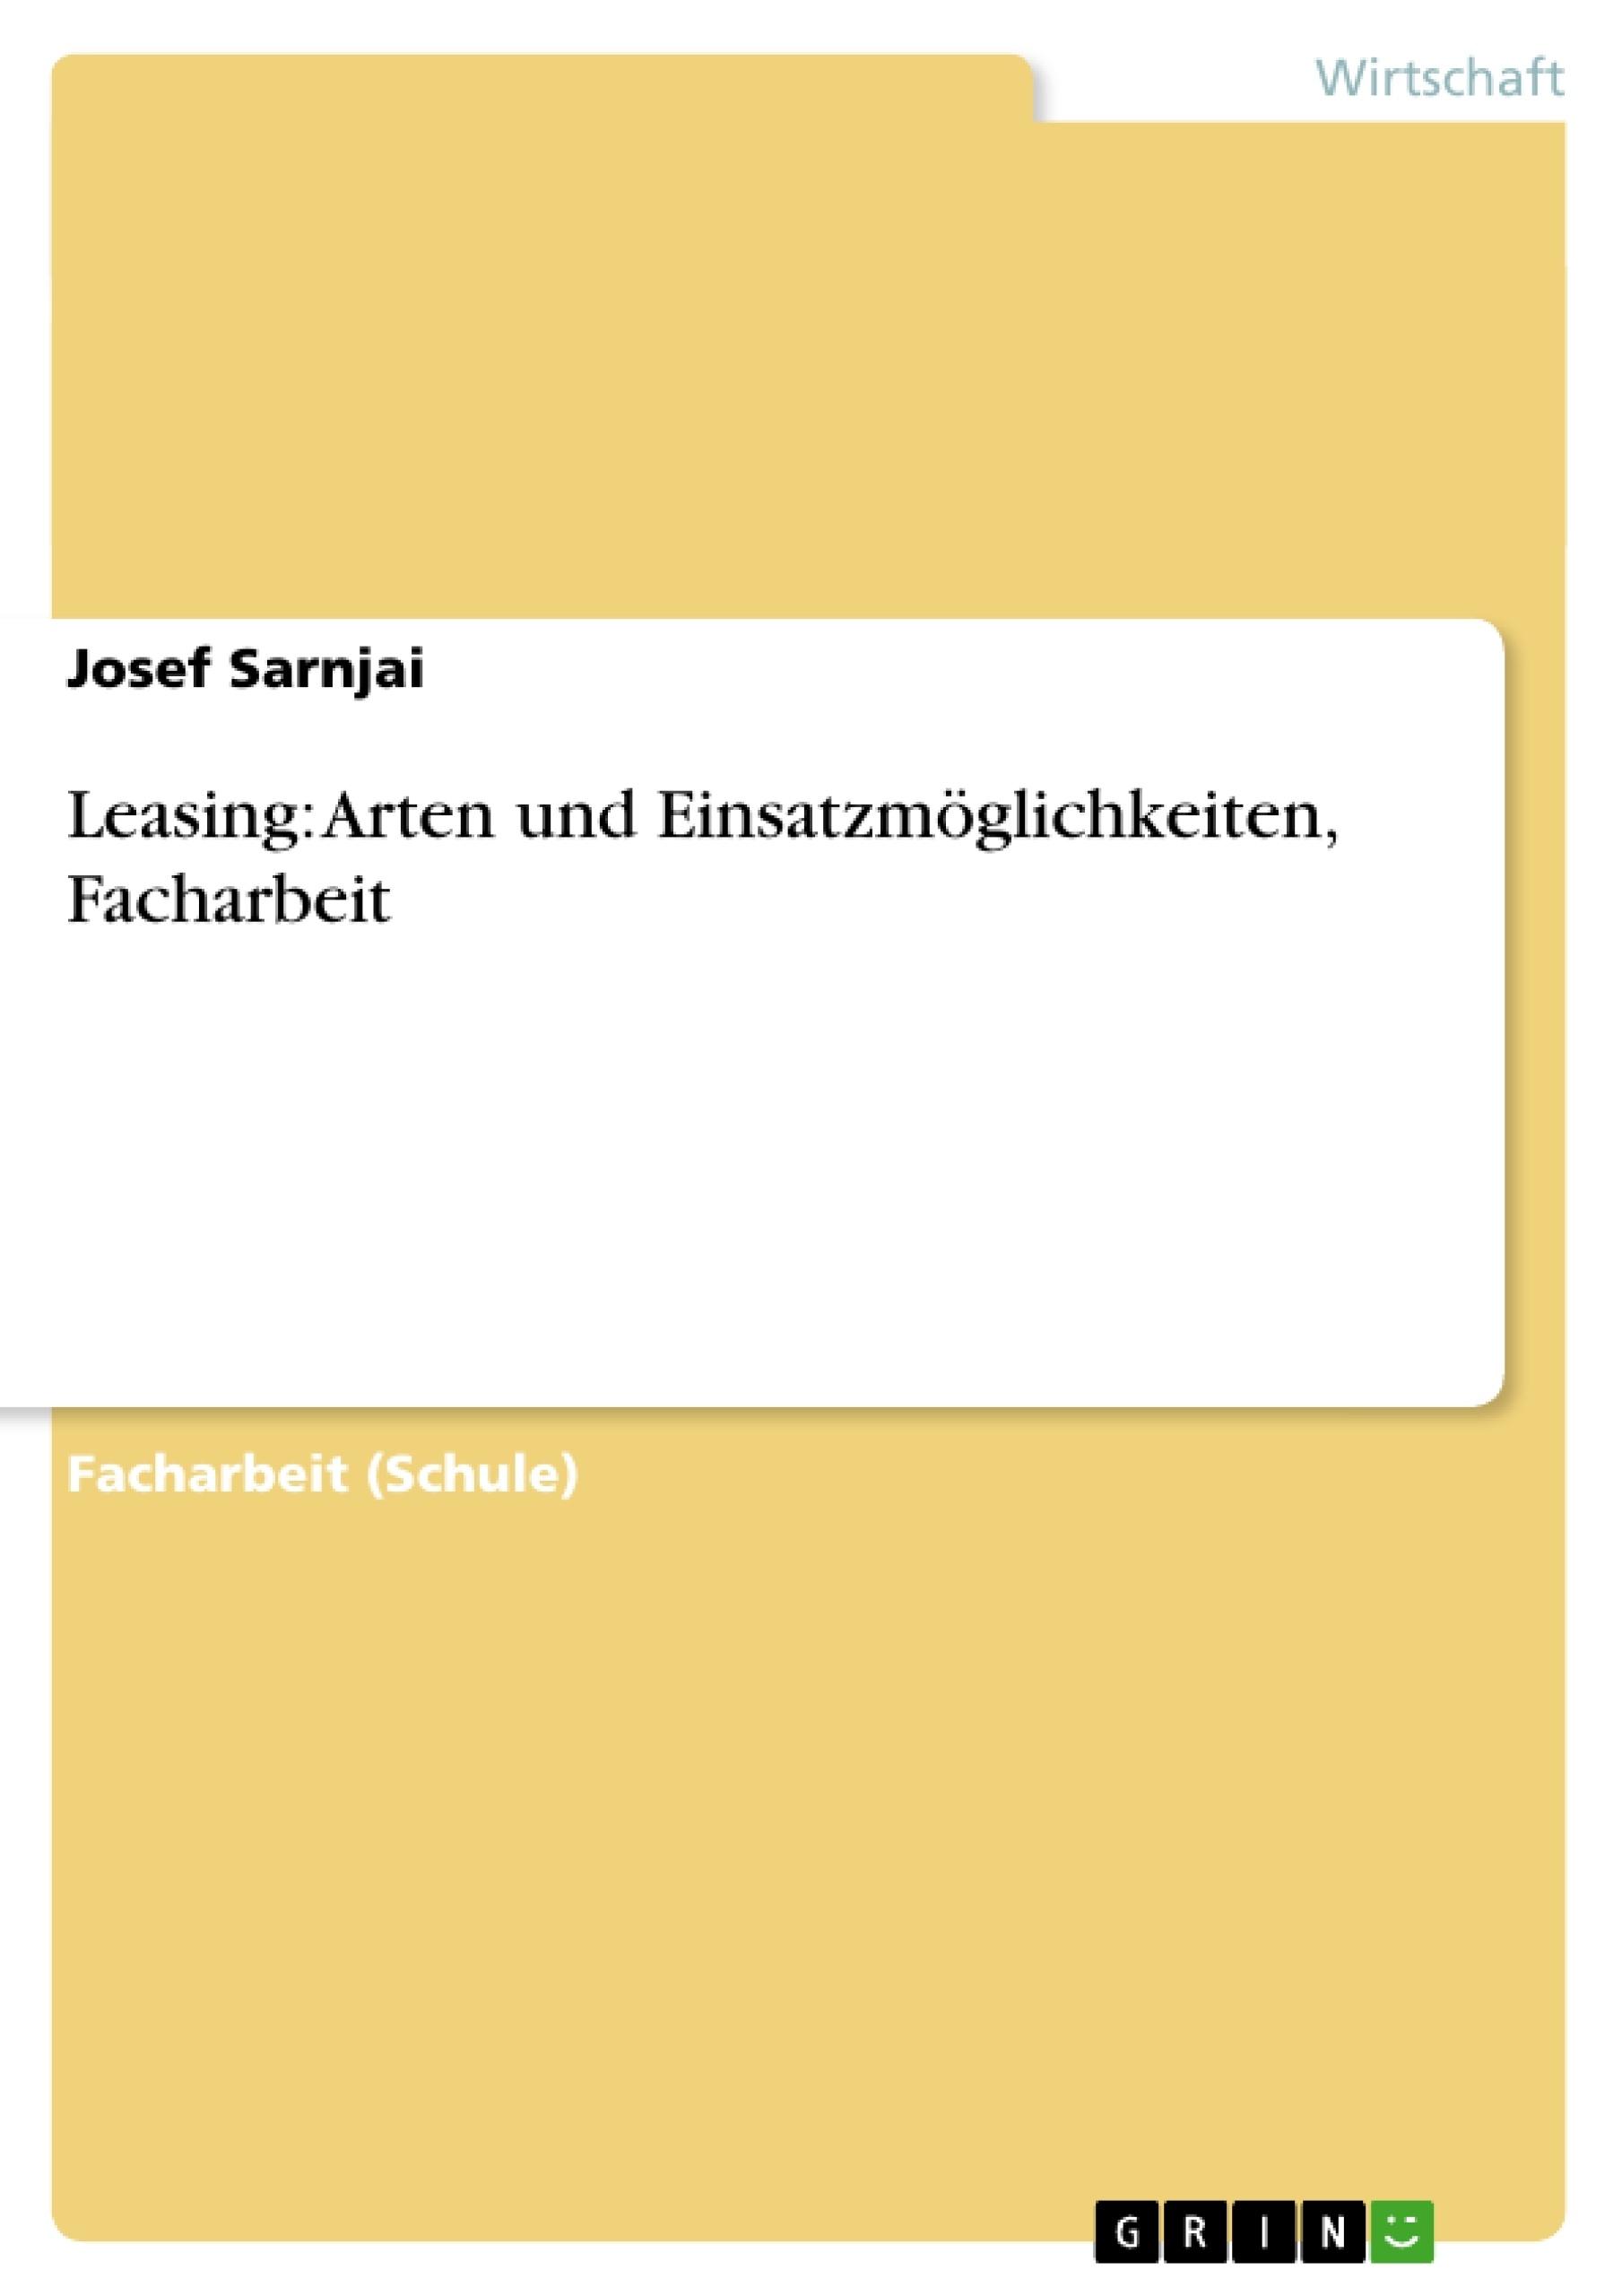 Titel: Leasing: Arten und Einsatzmöglichkeiten, Facharbeit